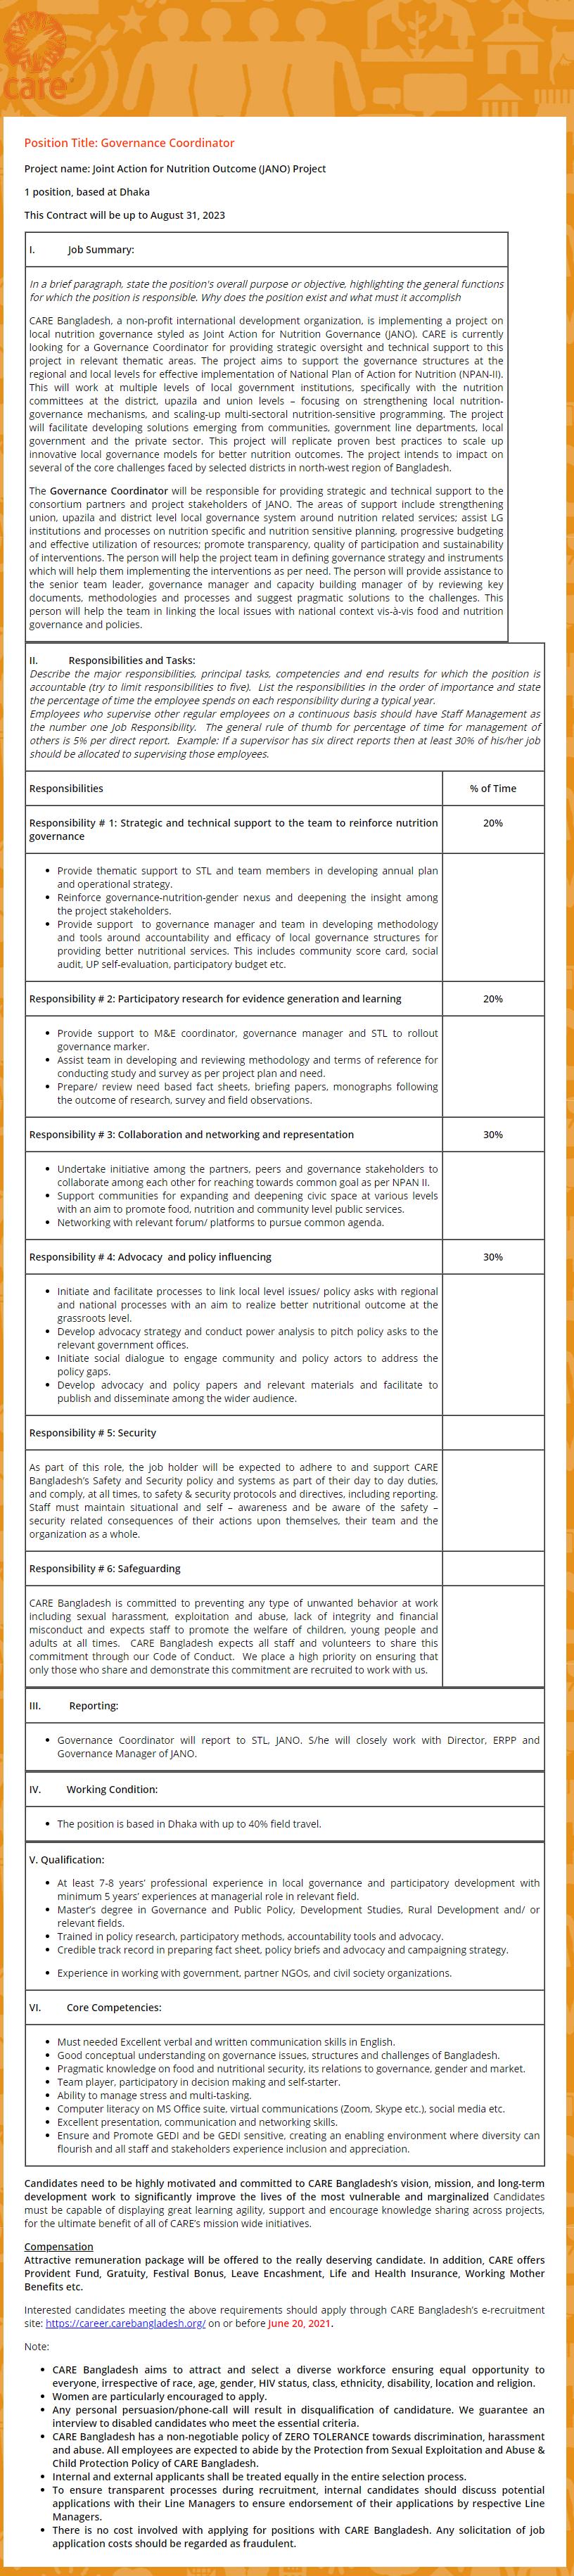 সকল এনজিও চাকরির খবর ২০২১ - All NGO Job Circular 2021 - NGO Job Circular 2021 Bangladesh